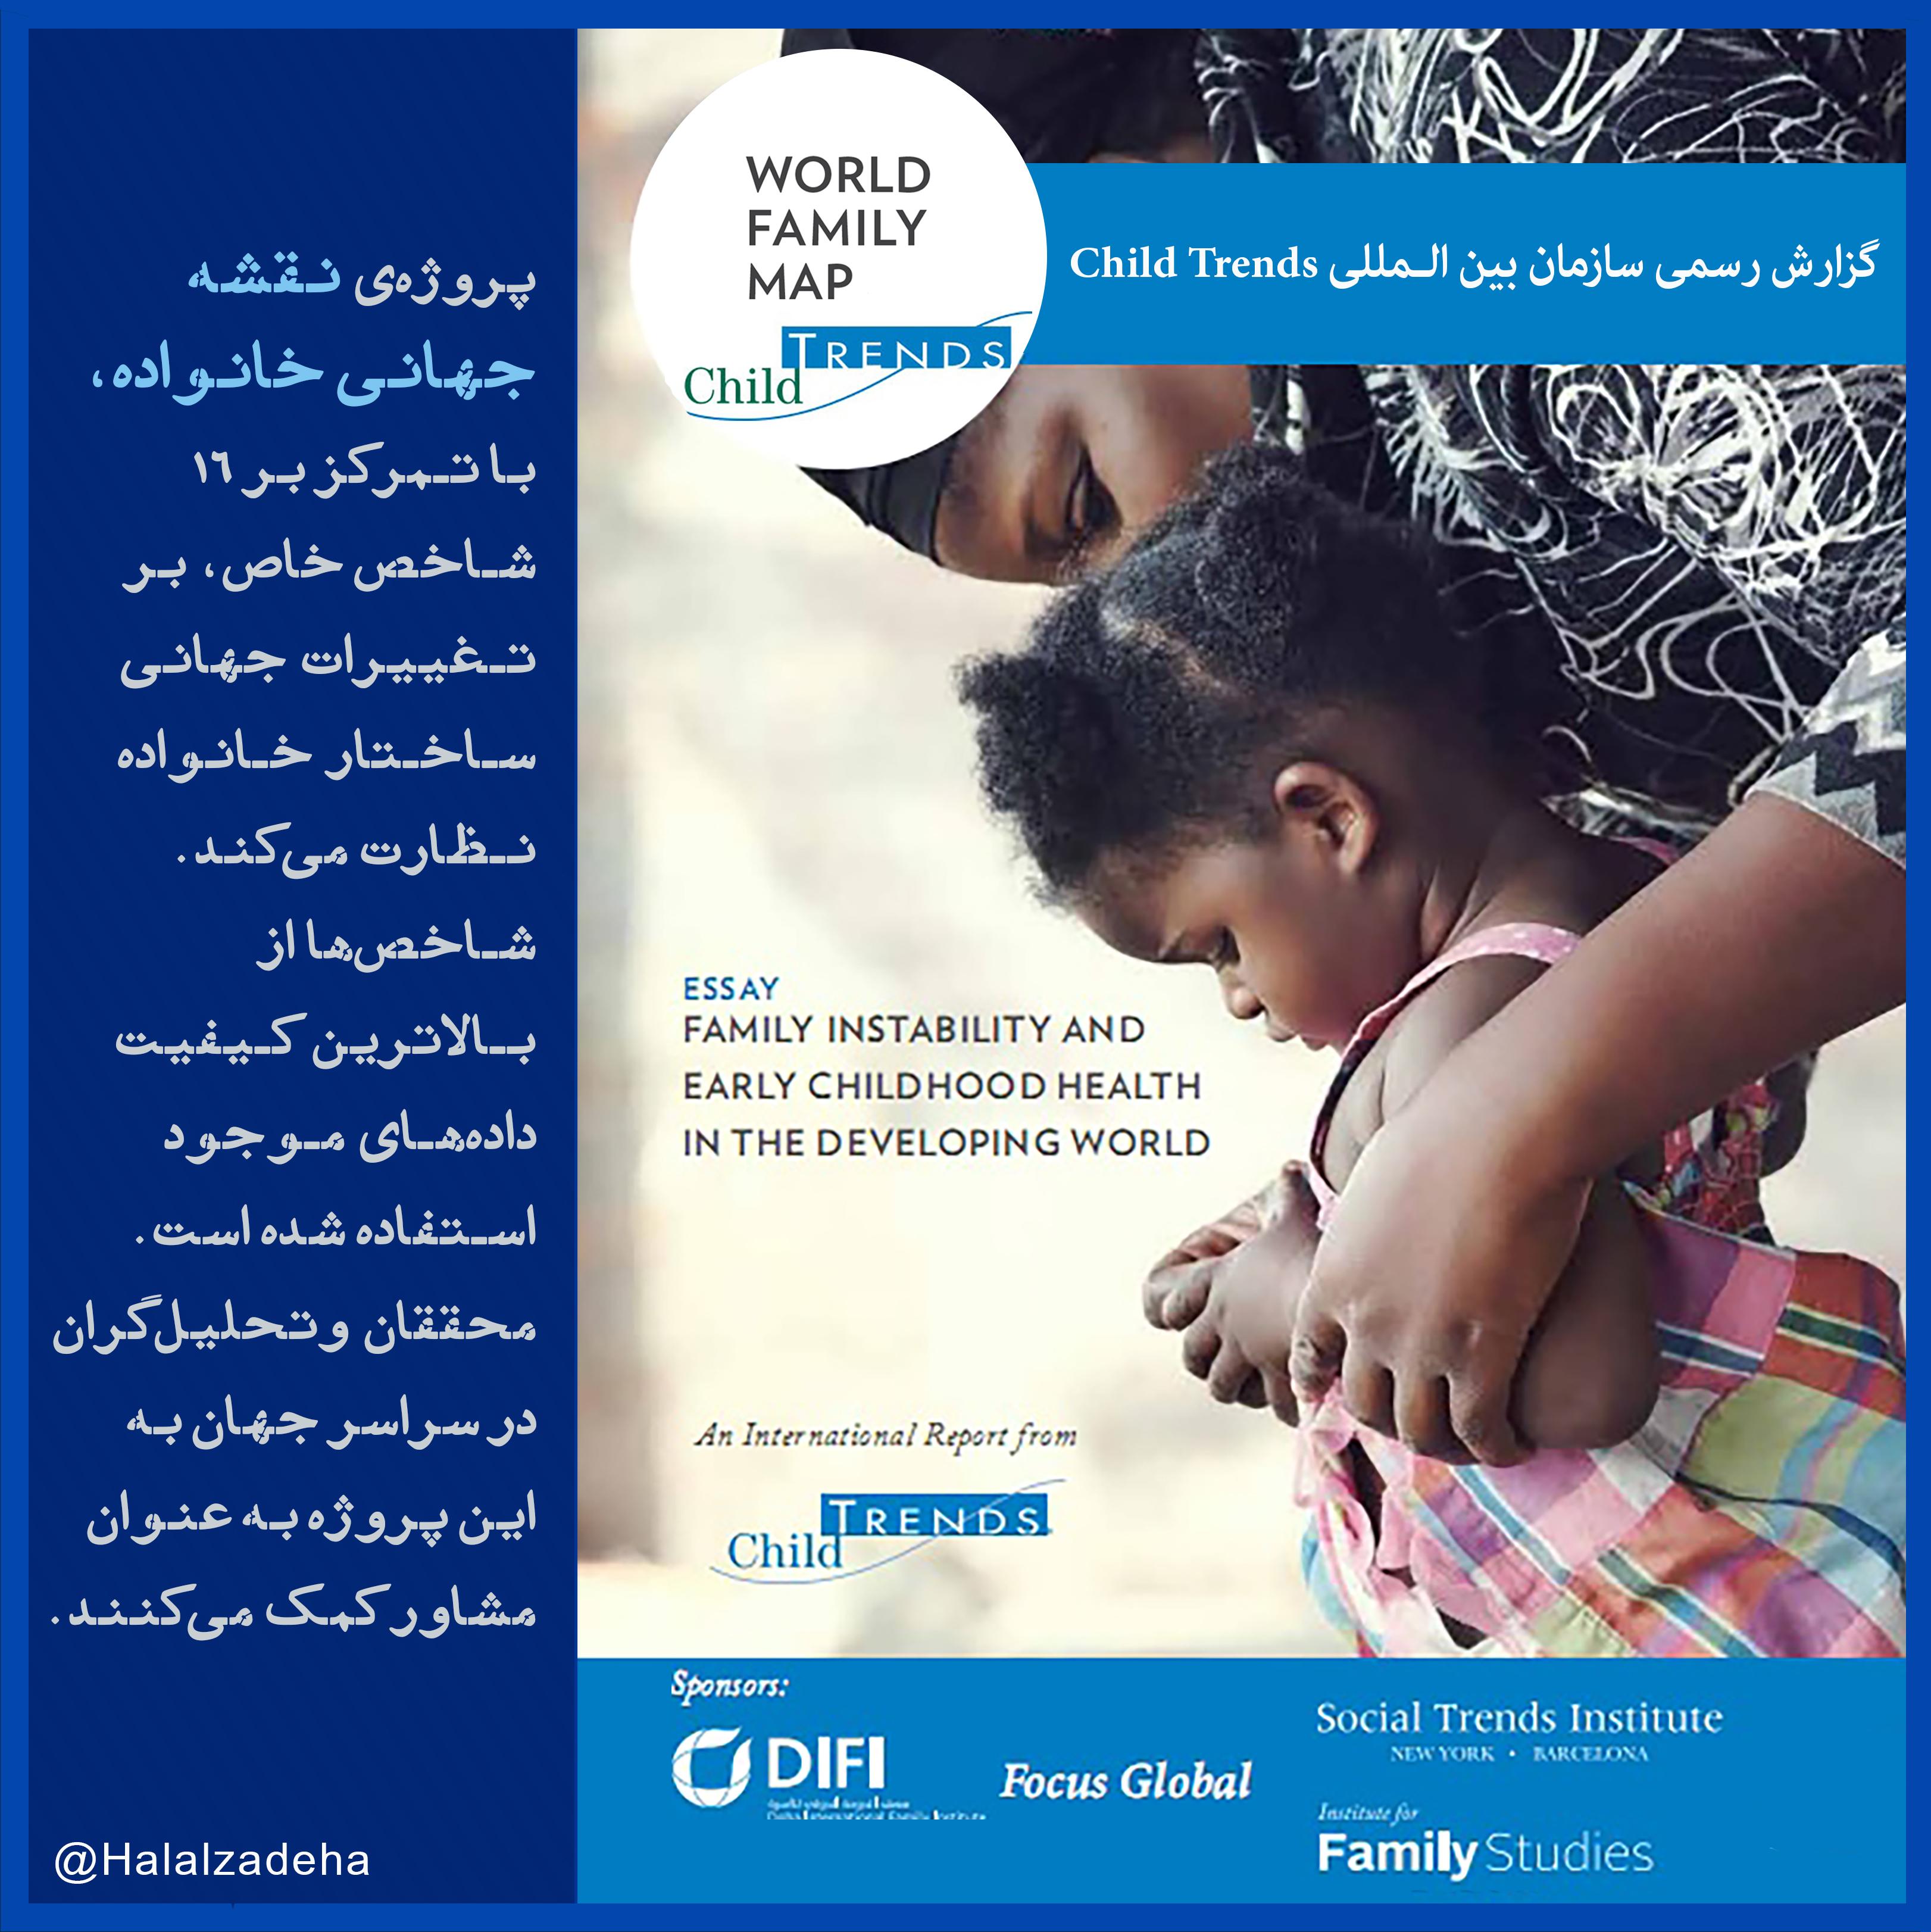 #لیبرال_های_داخلی دقت کنند: محققان و تحلیلگران در سراسر جهان به این پروژه مشاوره میدهند